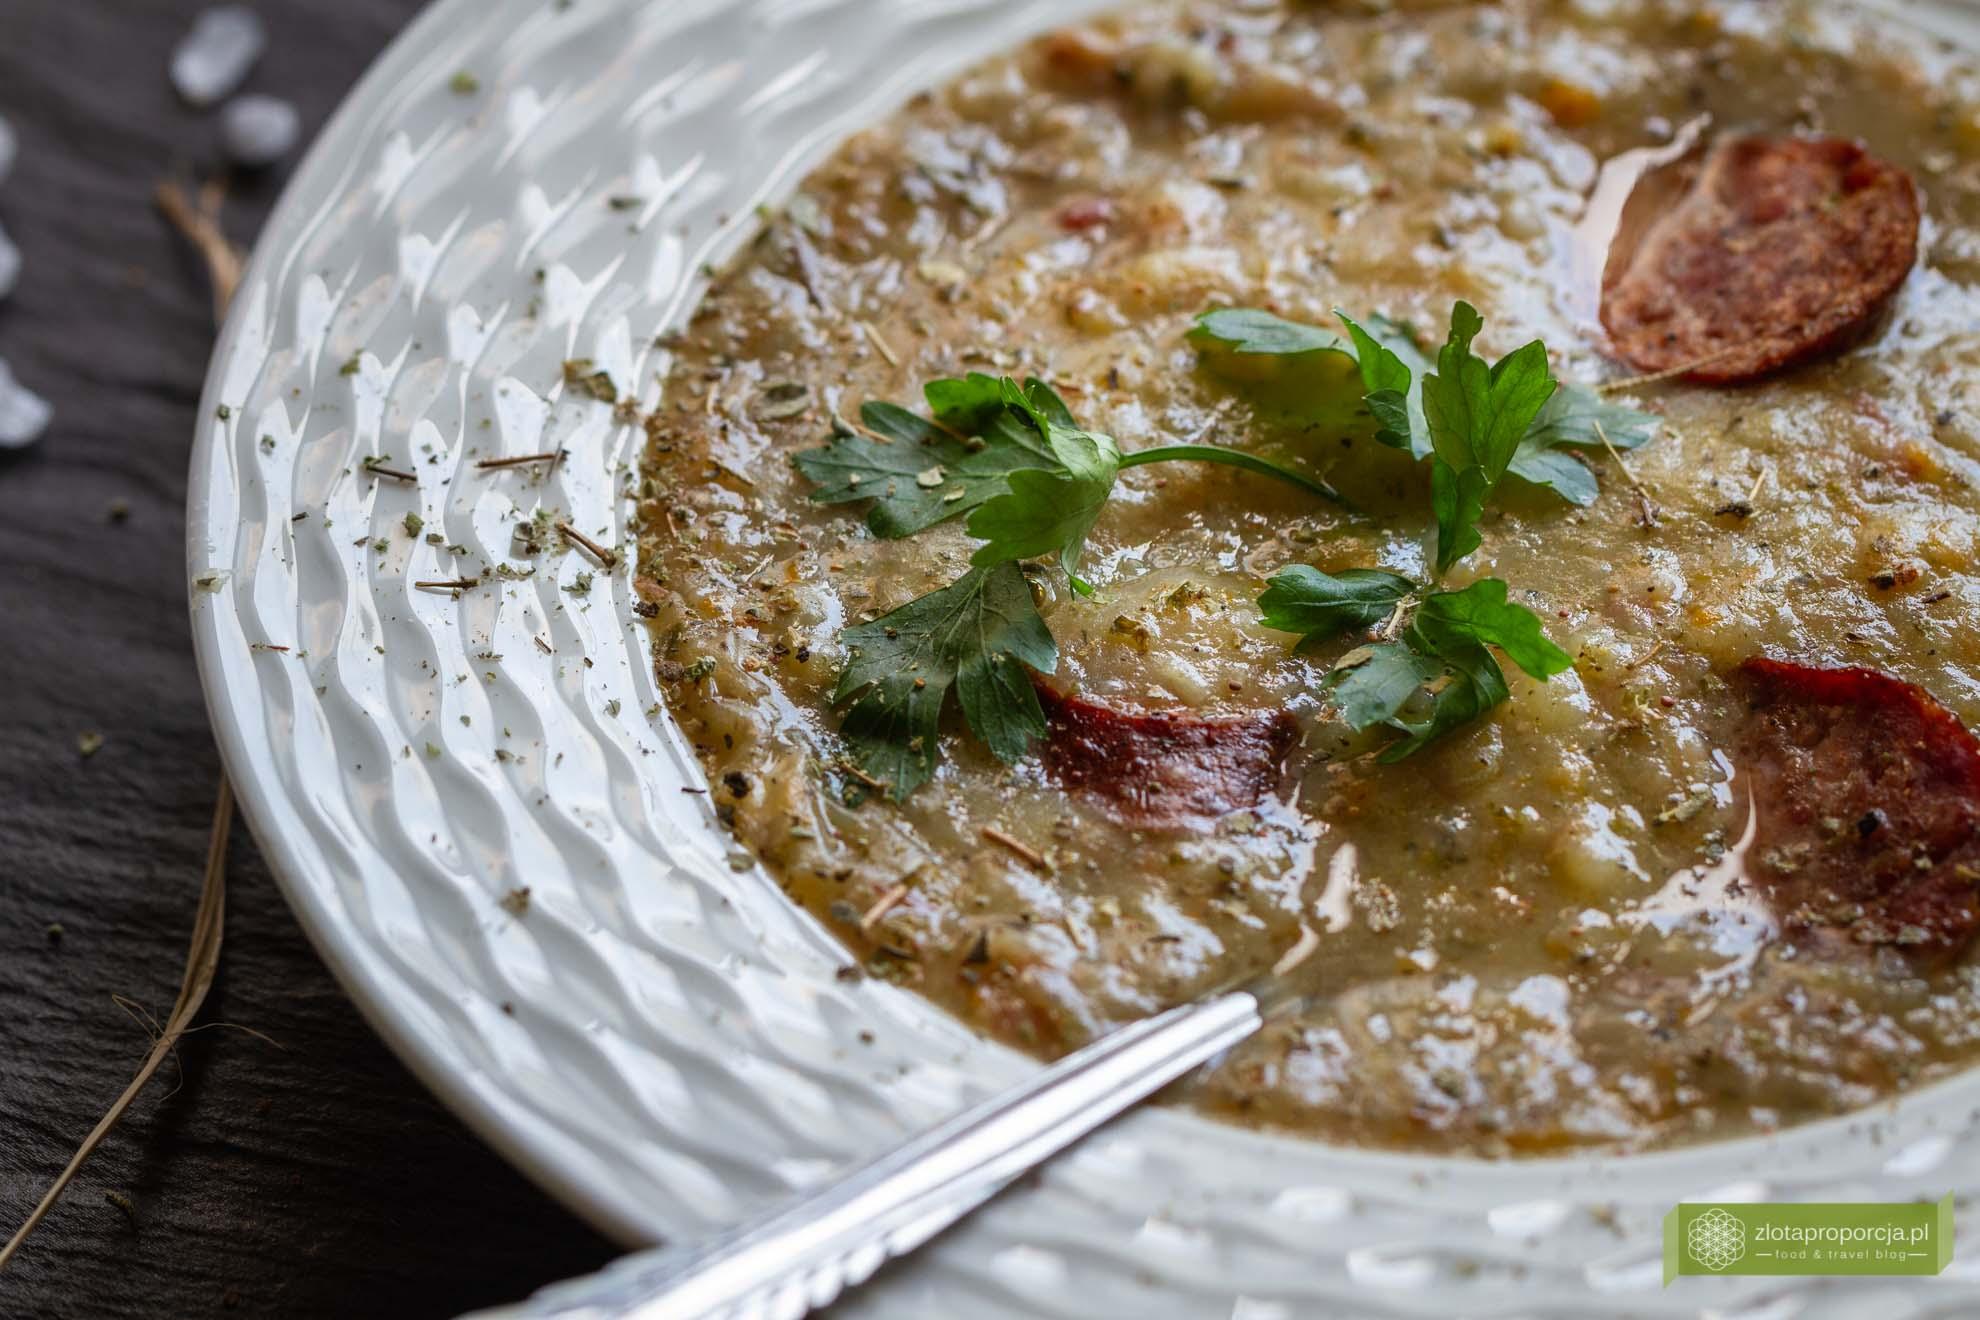 niemiecka zupa ziemniaczana, Kartoffelsuppe przepis, kuchnia niemiecka